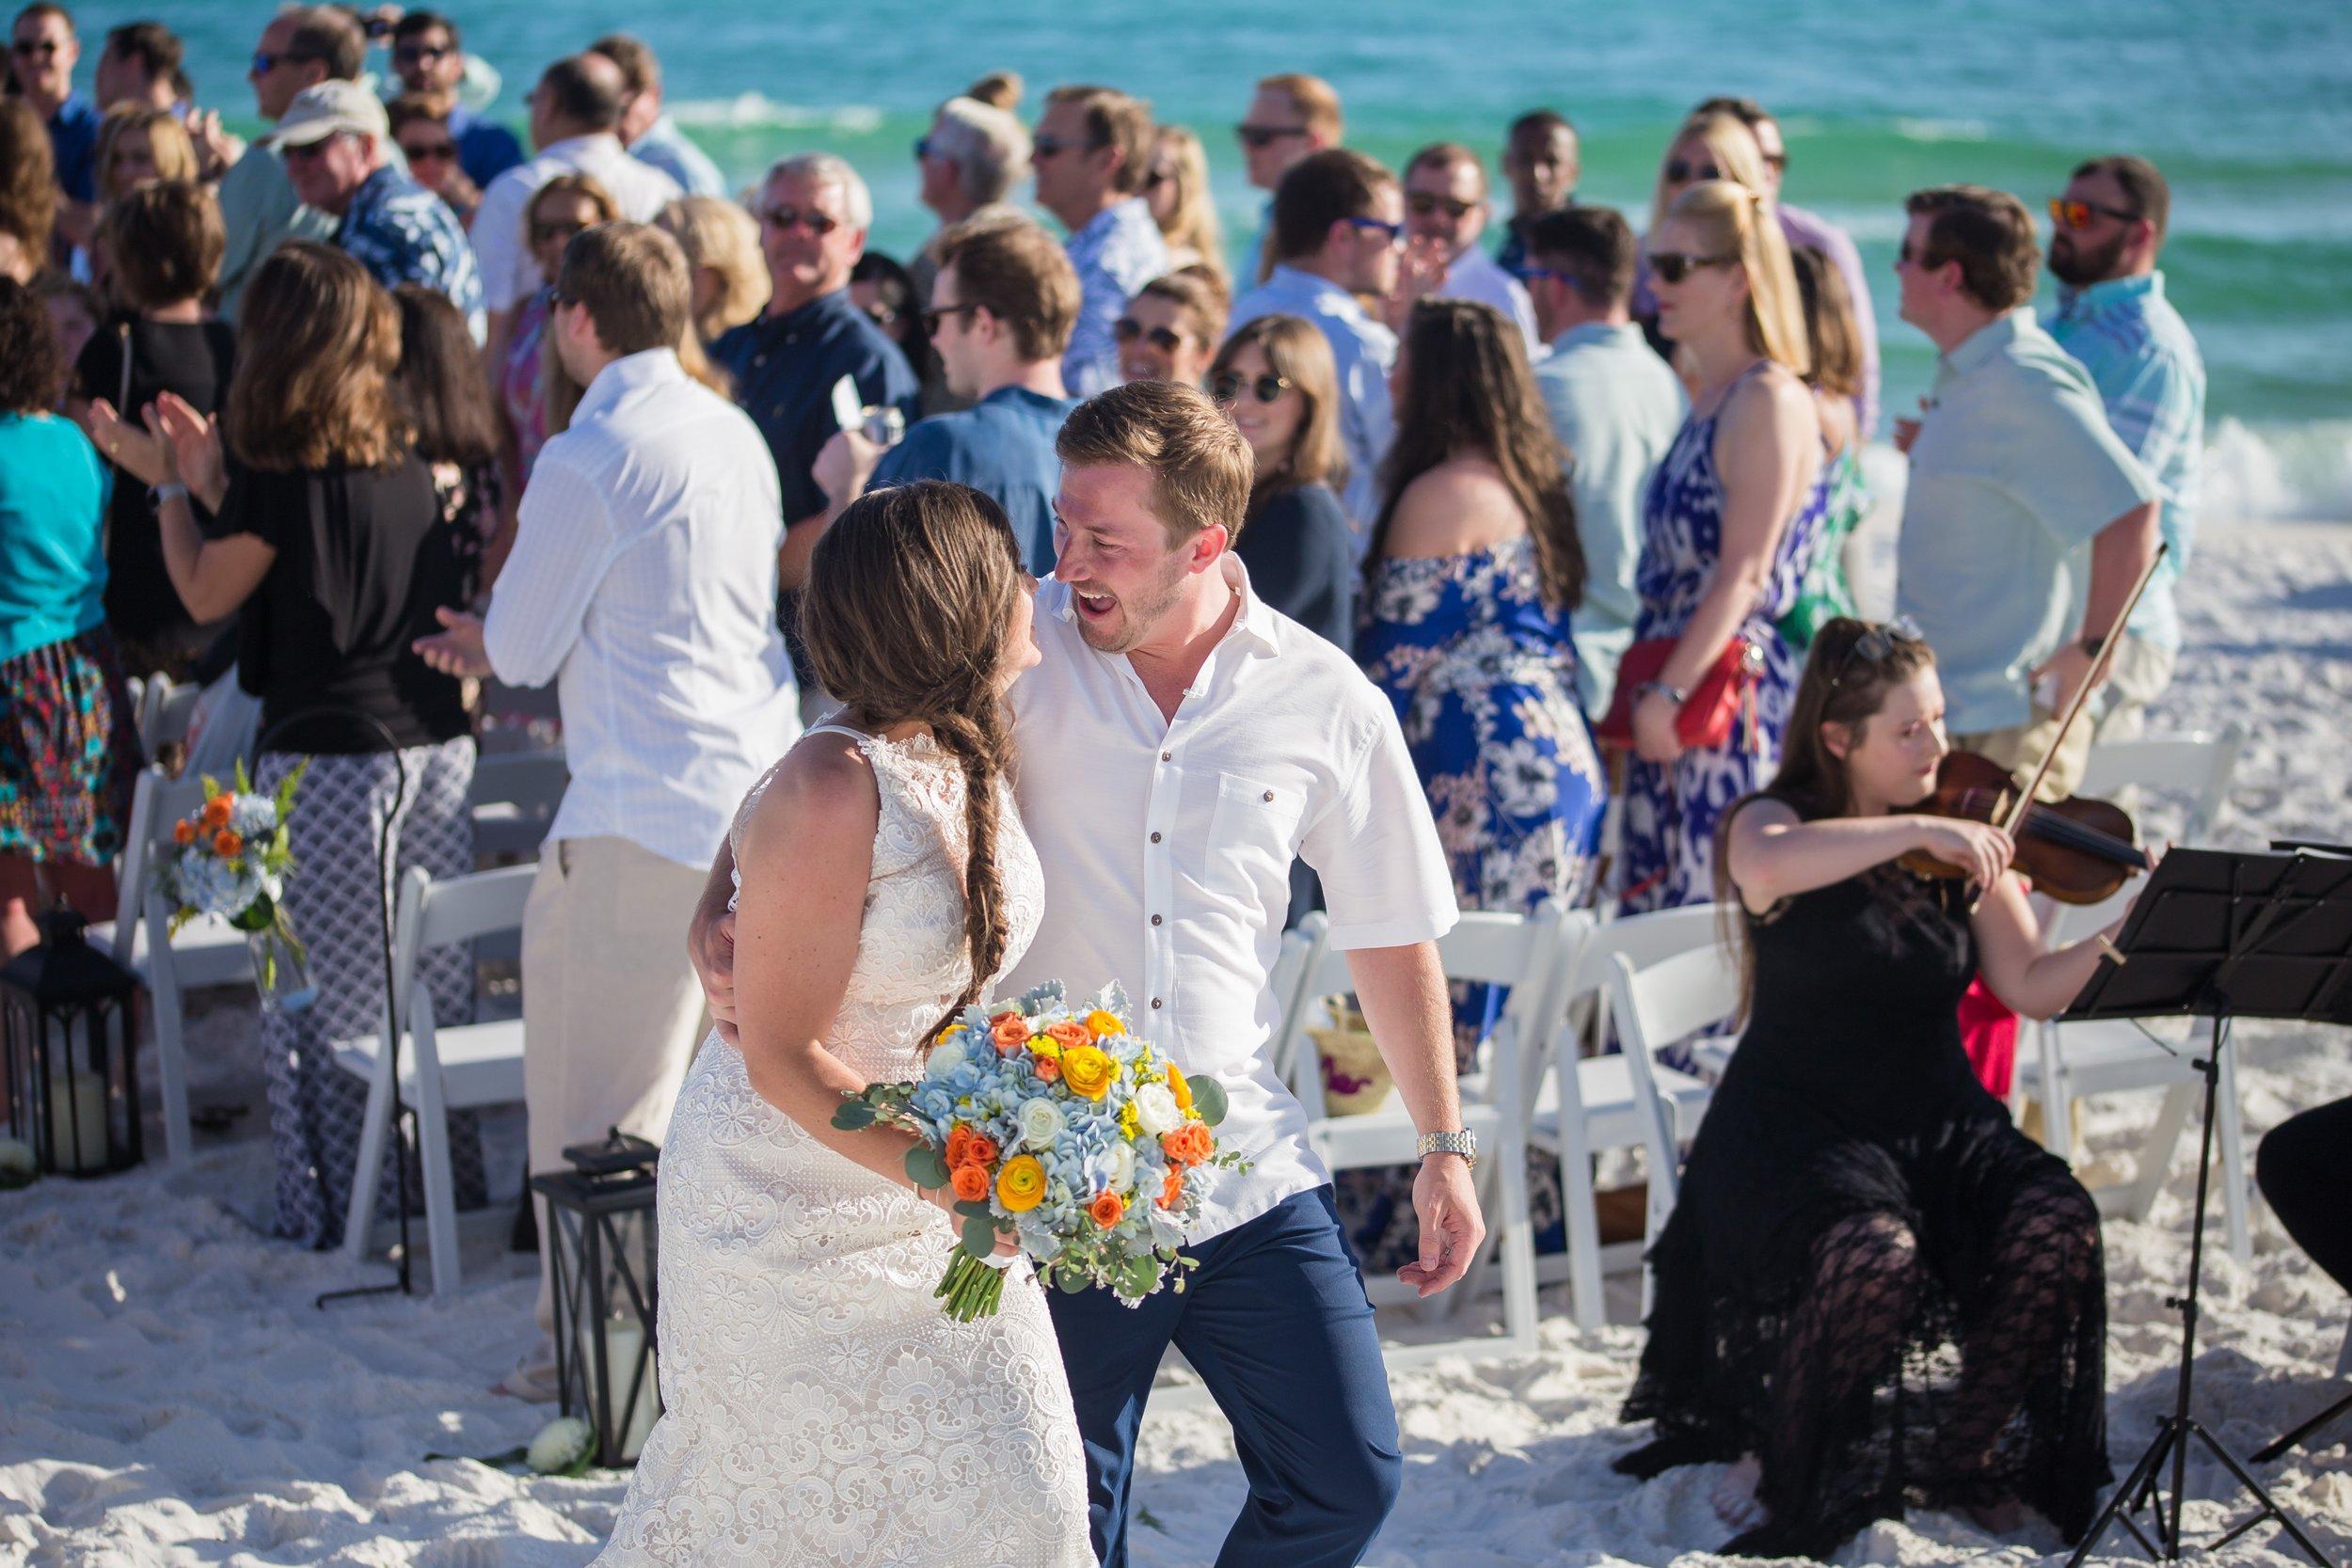 30a-Destin-Florida-Wedding-Photography-Caydee-Matt_032.jpg